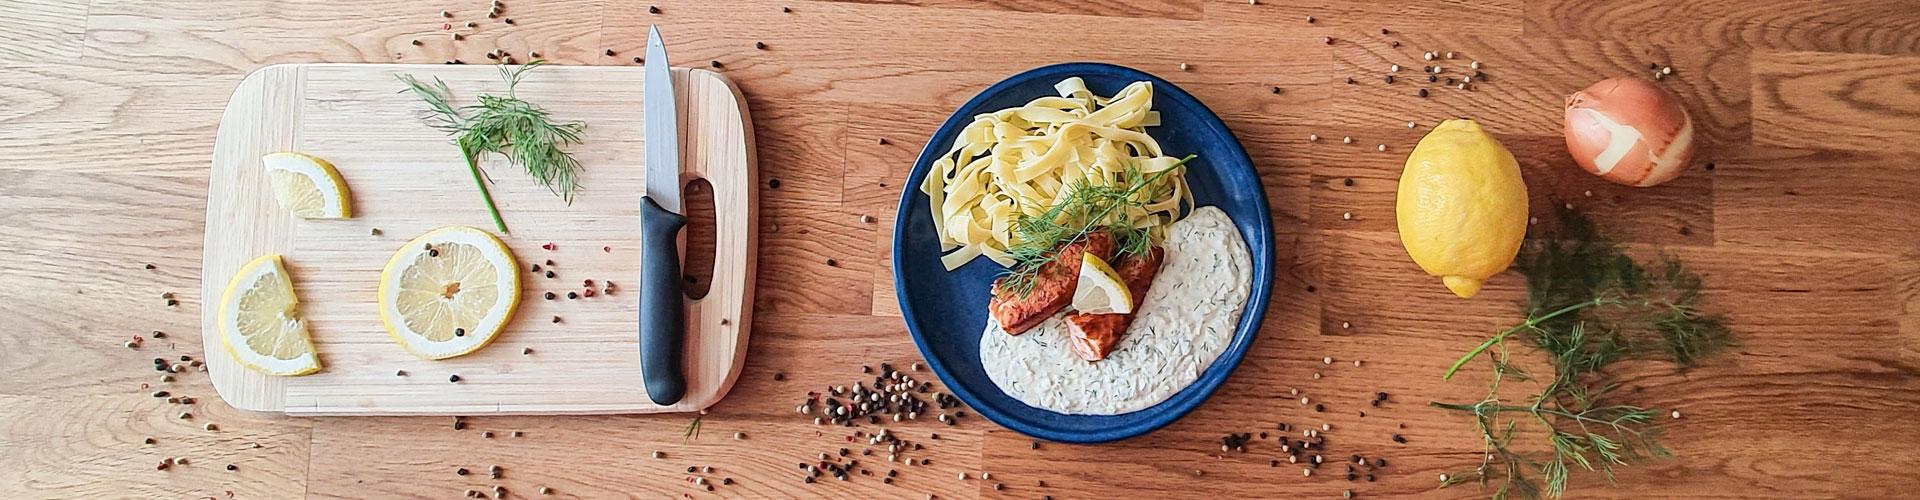 Lachsfilet mit Zitronen-Dillsauce - Dein Rezept auf Rezept-Buch.de